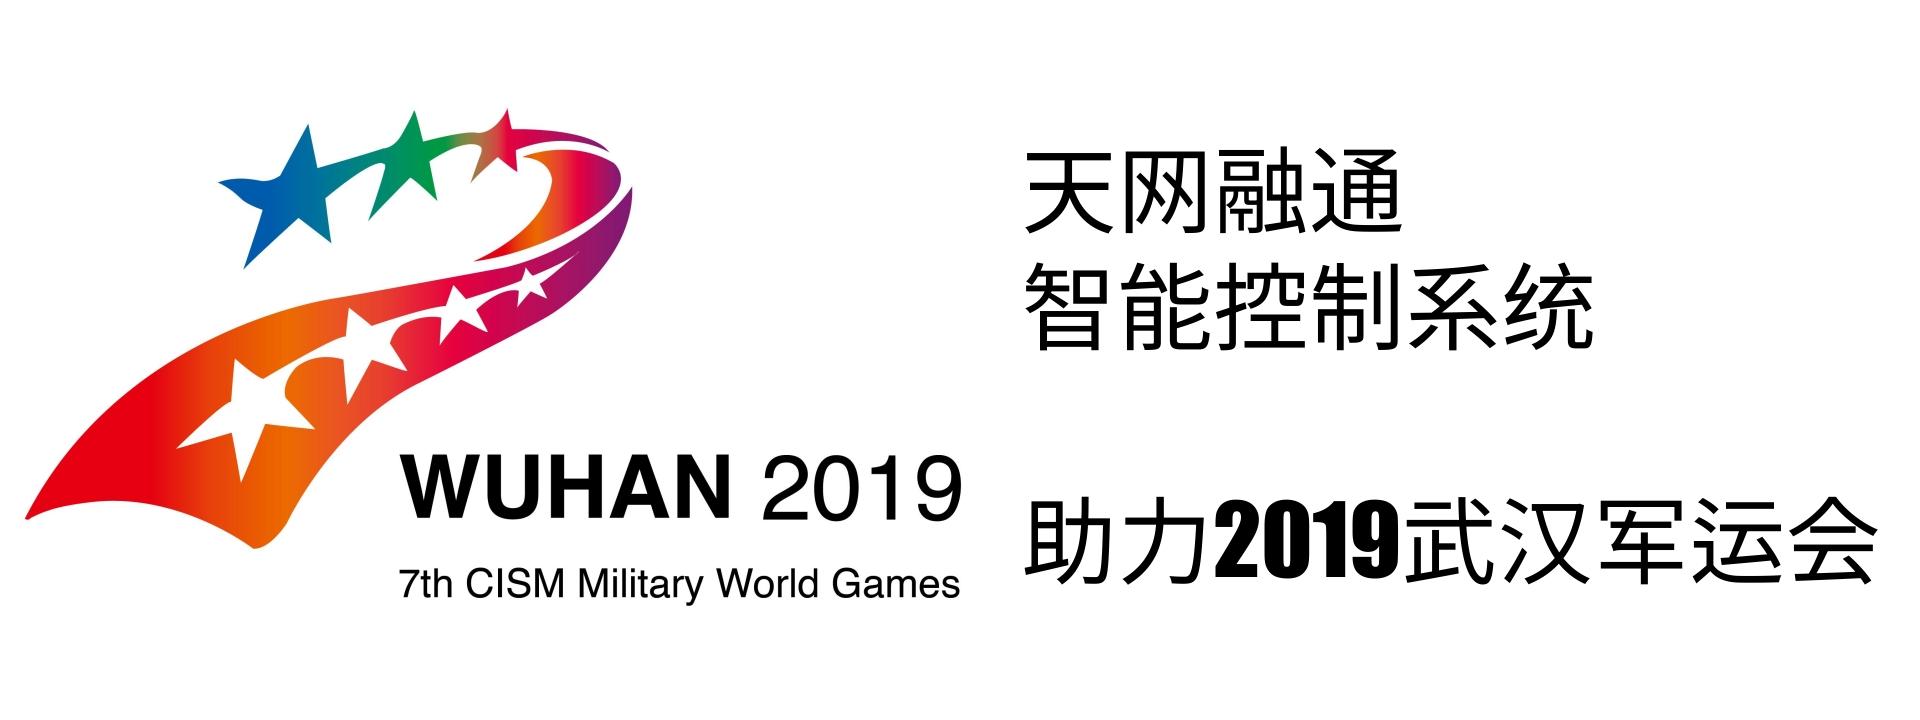 天网融通智能控制系统助力2019武汉军运会